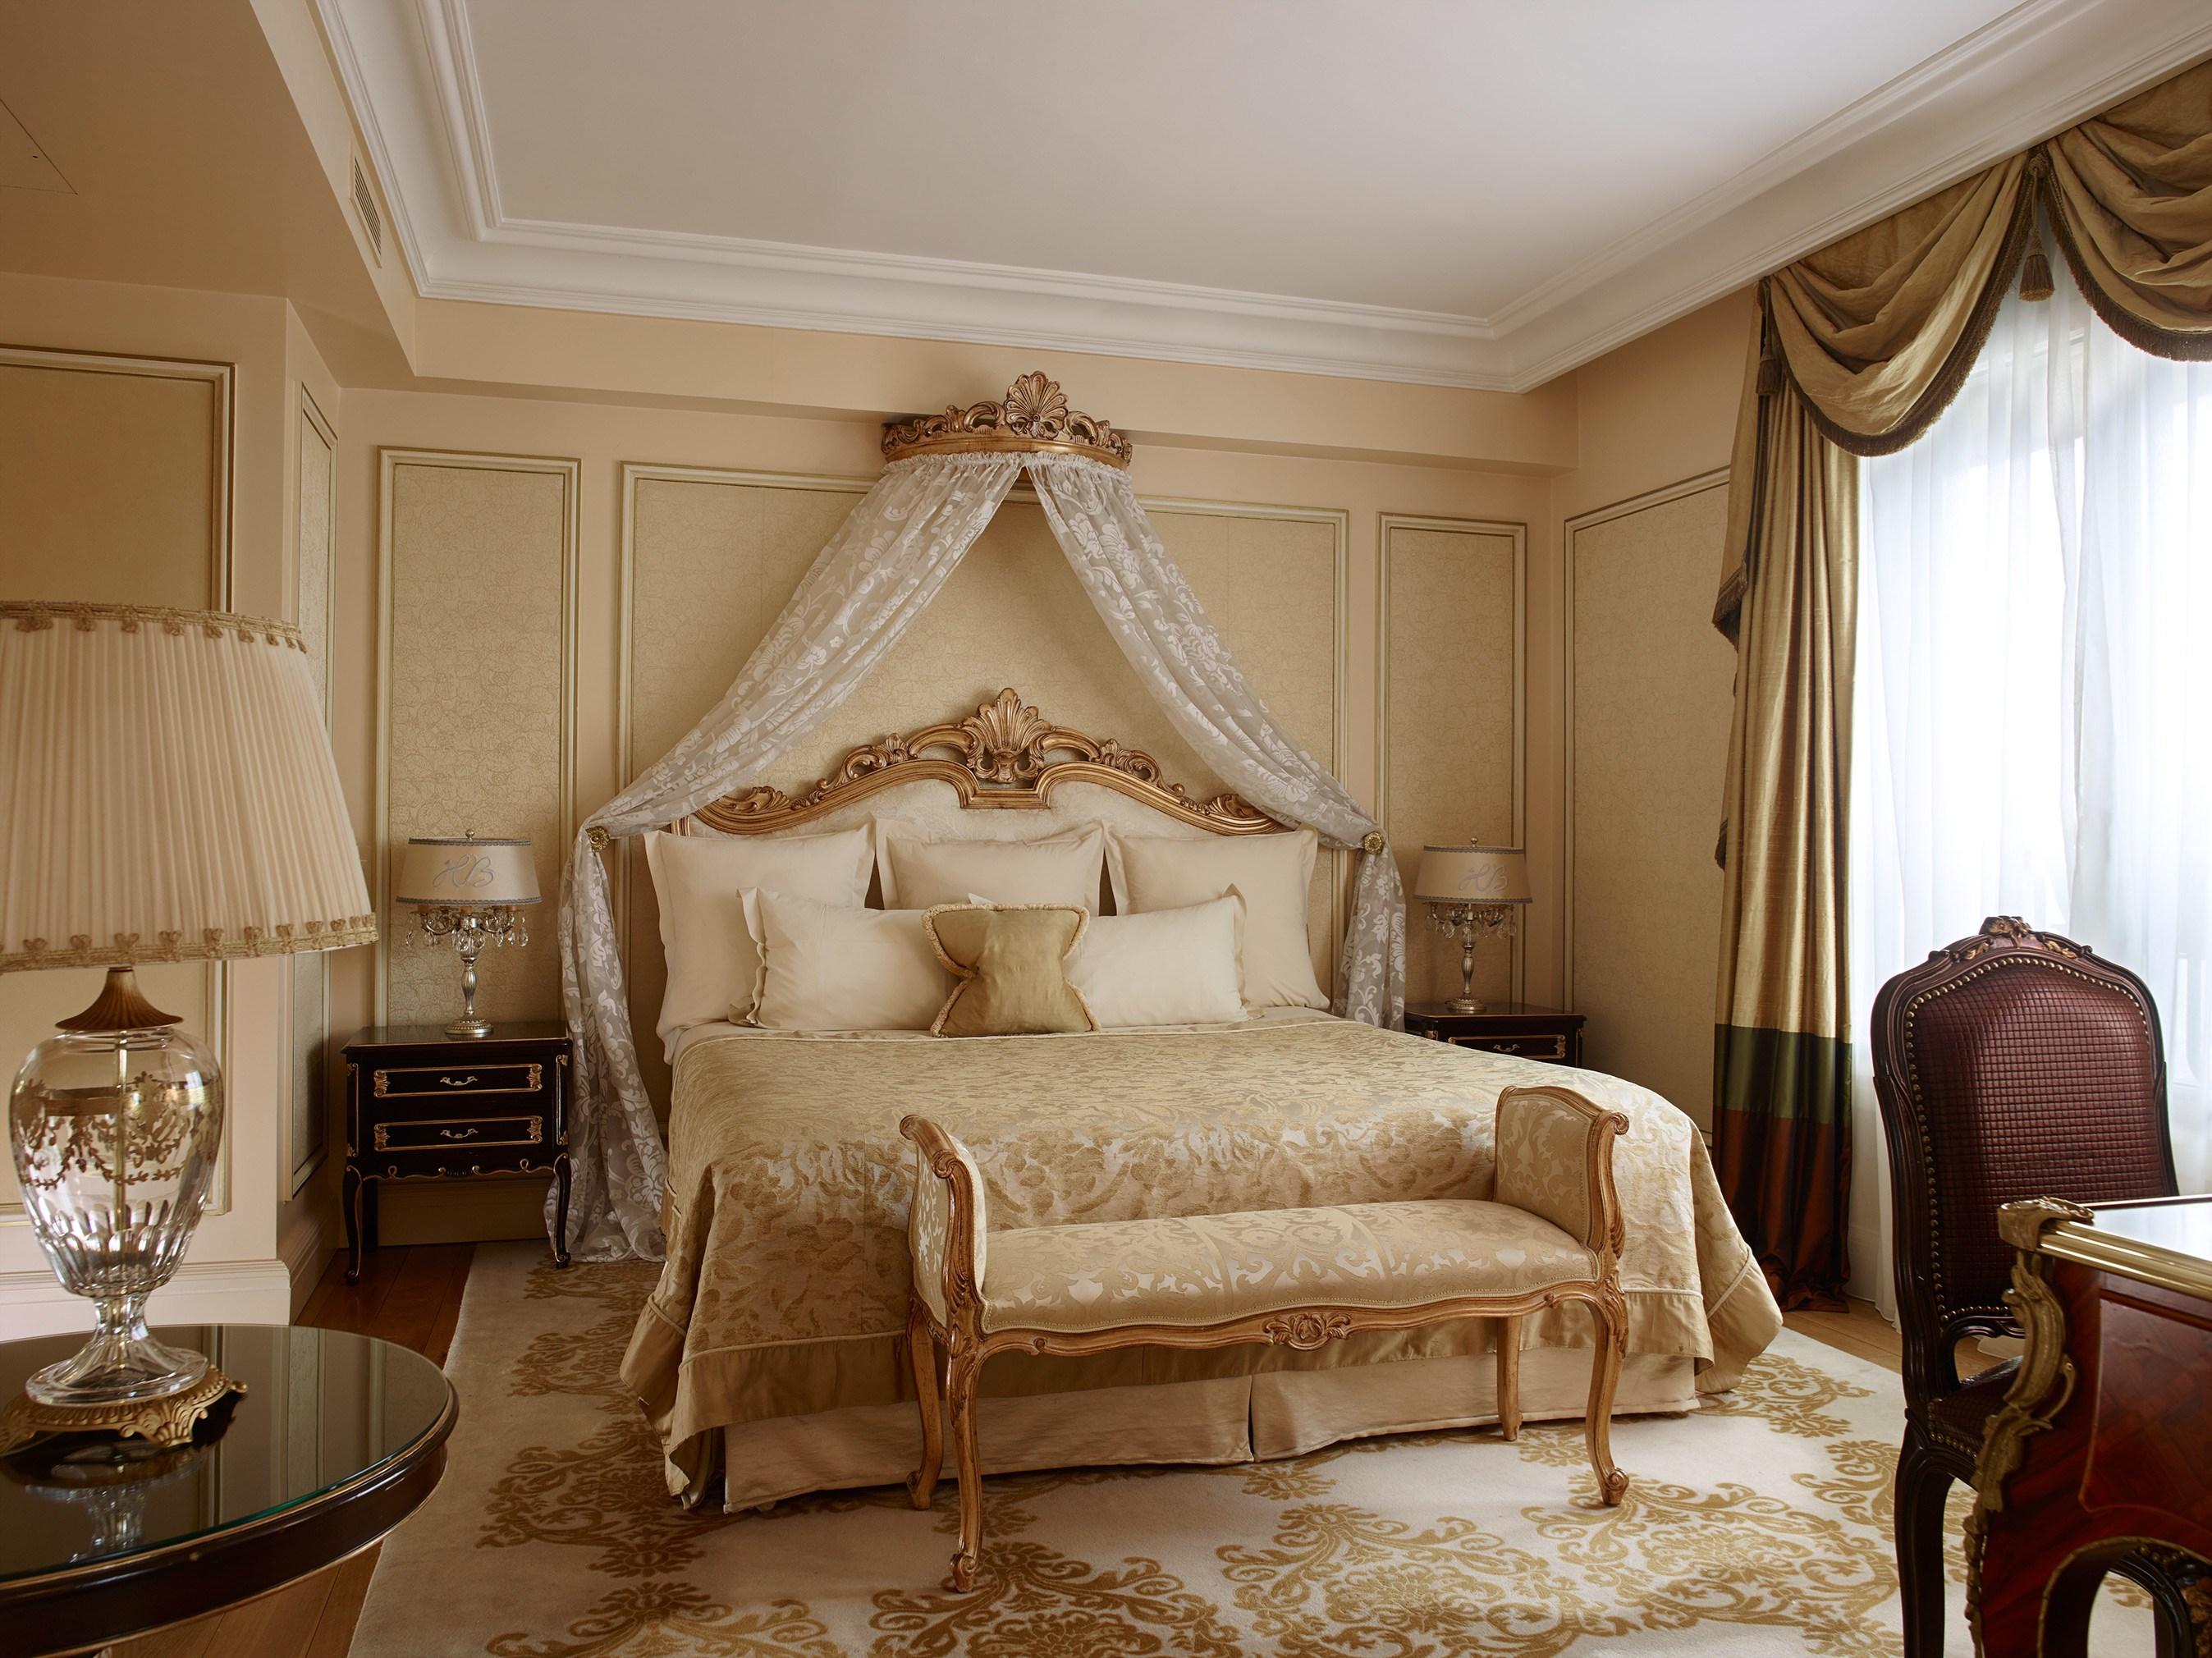 Chambres Amp Suites De Luxe 224 Paris H 244 Tel Balzac 5 201 Toiles